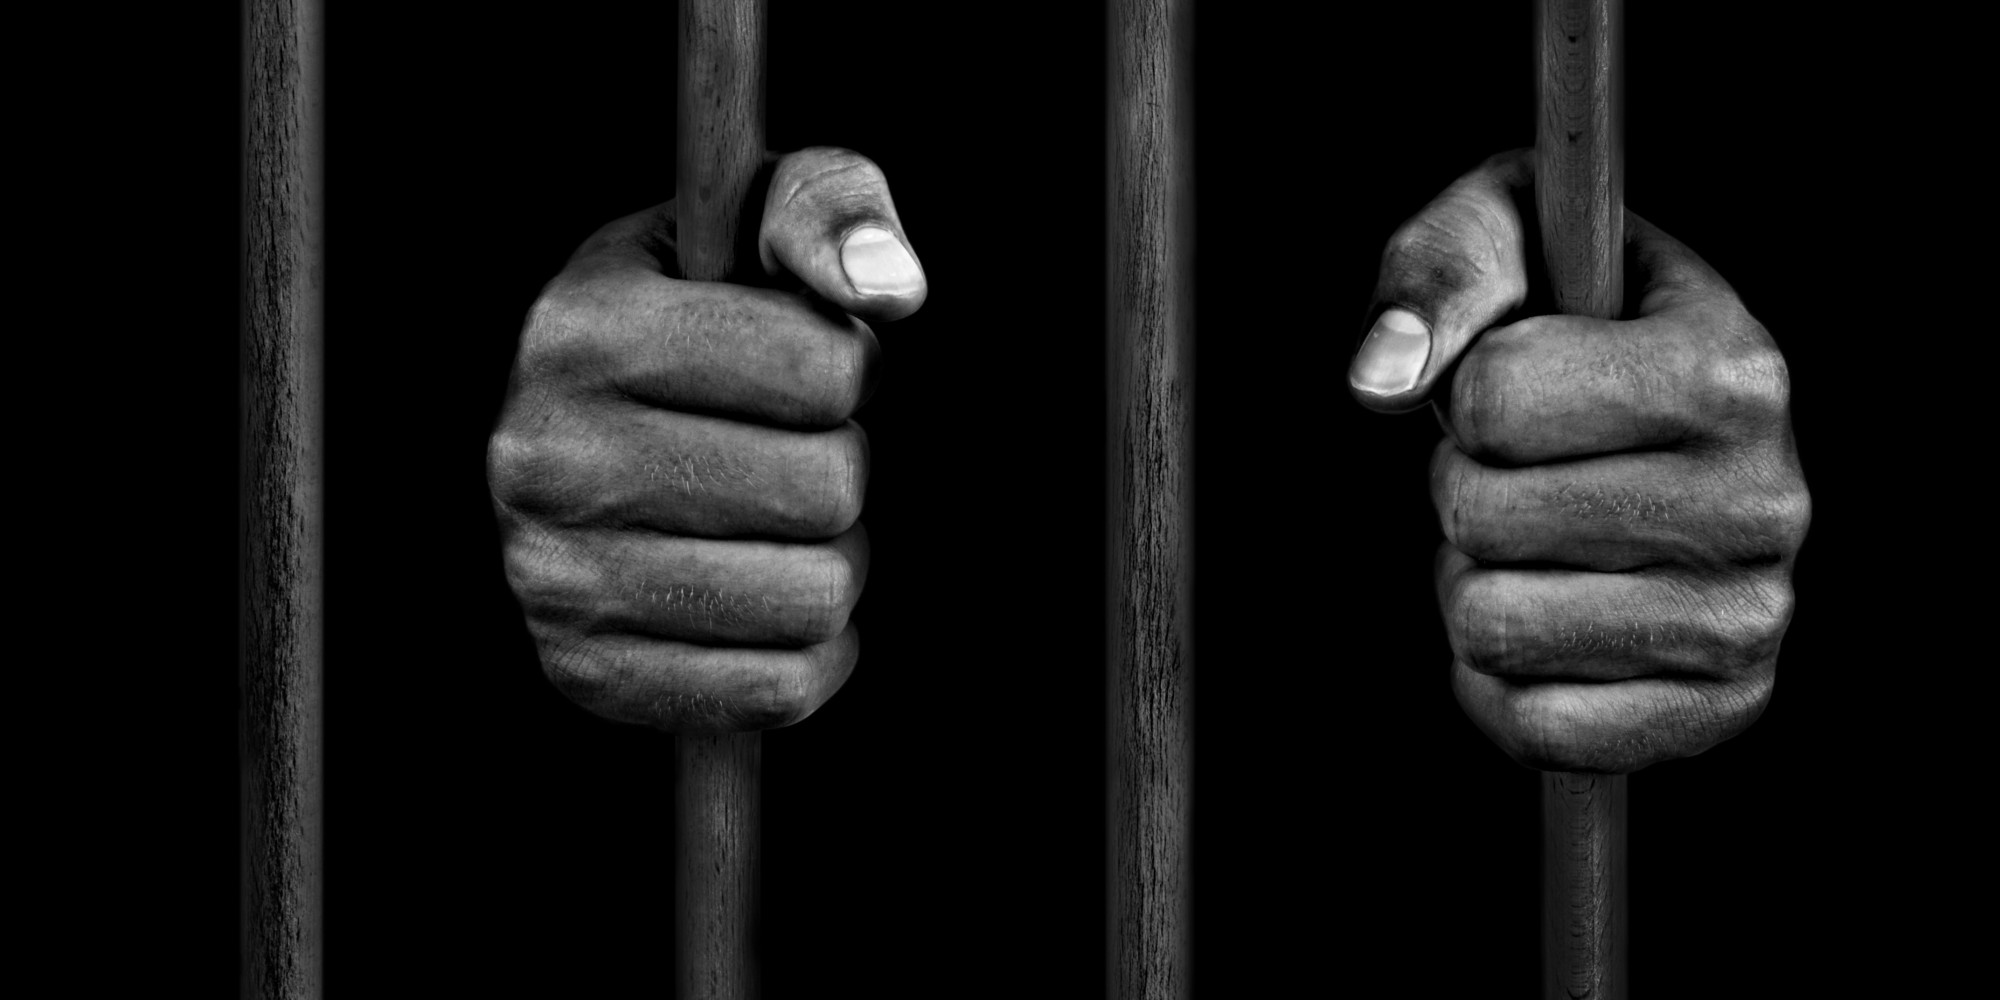 o-BLACK-PERSON-PRISON-facebook